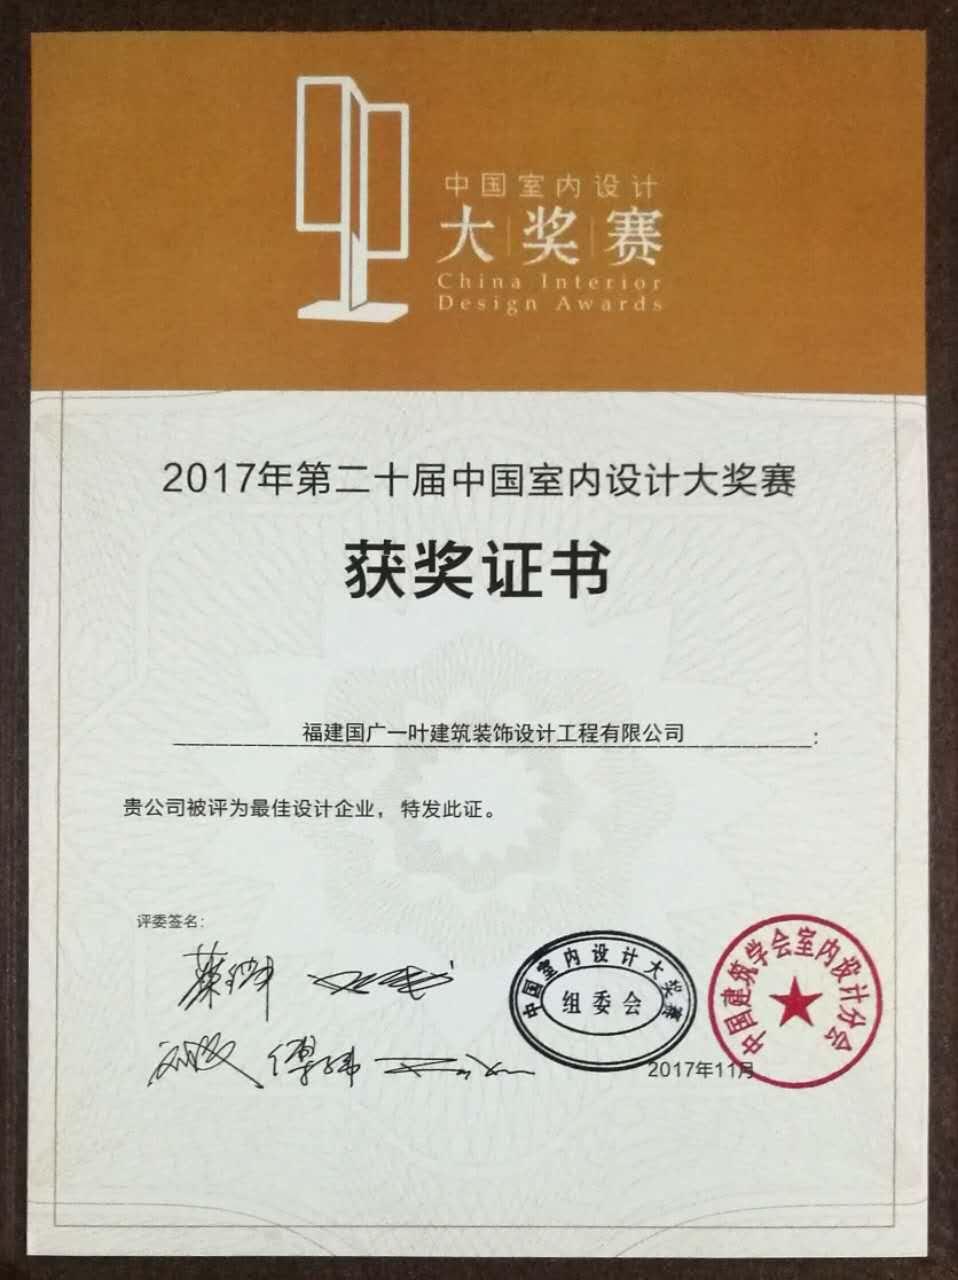 """2017年第二十届中国室内设计大奖赛,国广一叶获评""""最佳设计企业""""图片"""